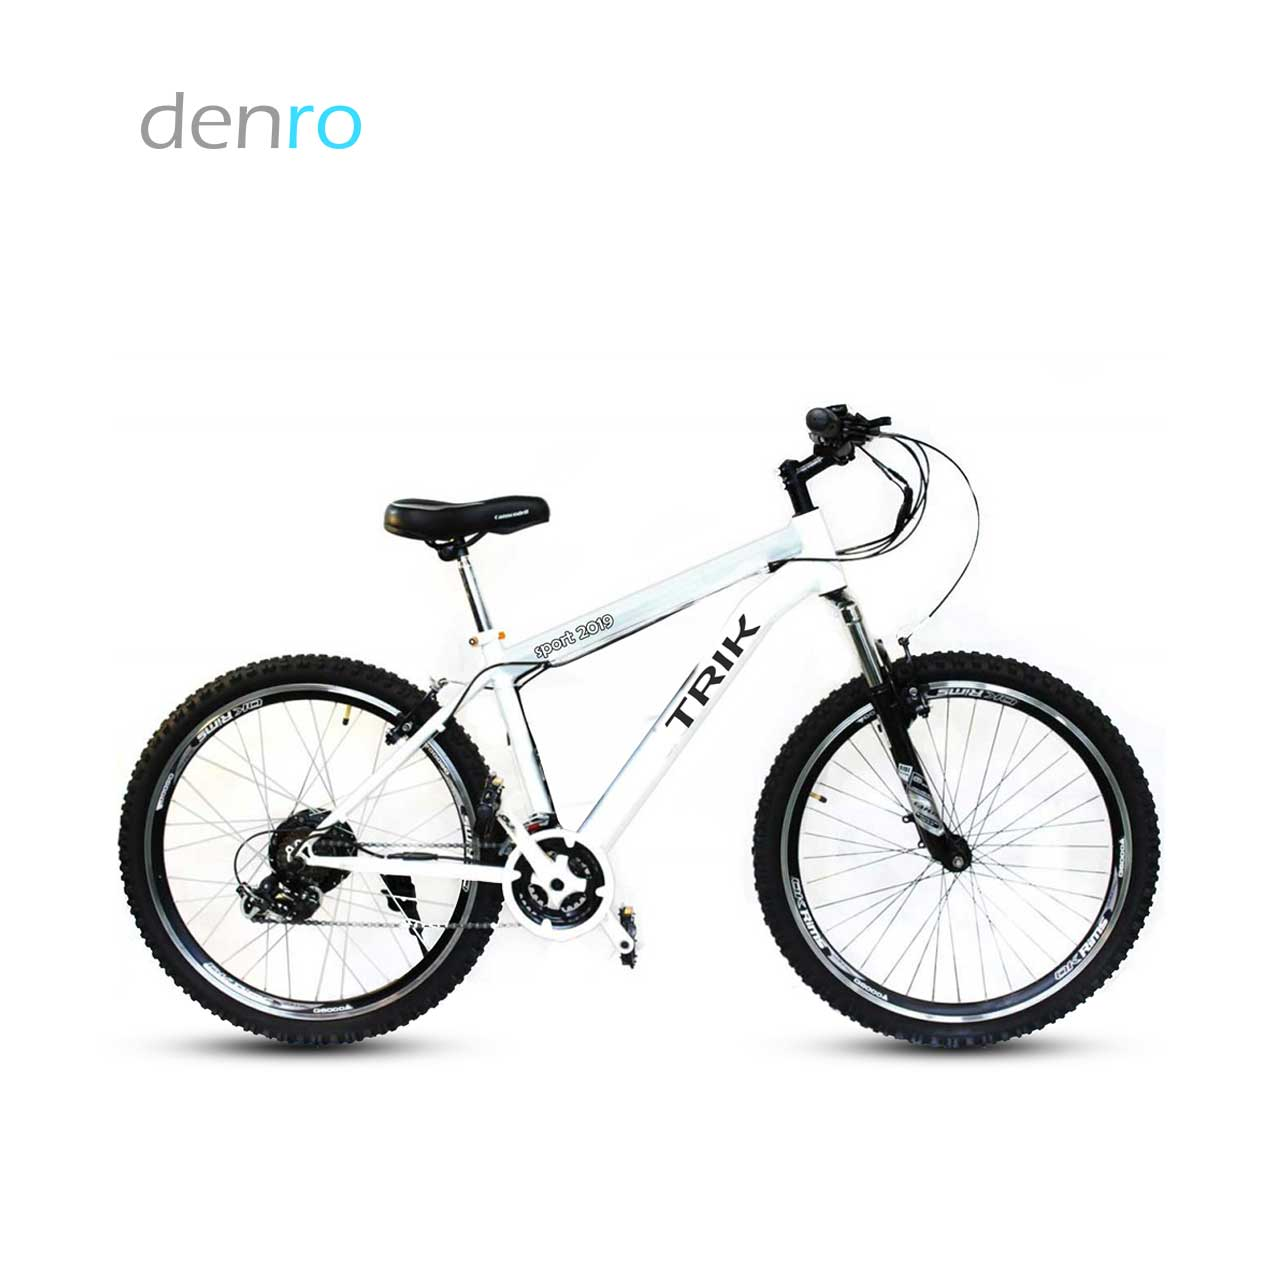 دوچرخه کوهستان دنرو مدل ۲۶ Nitro